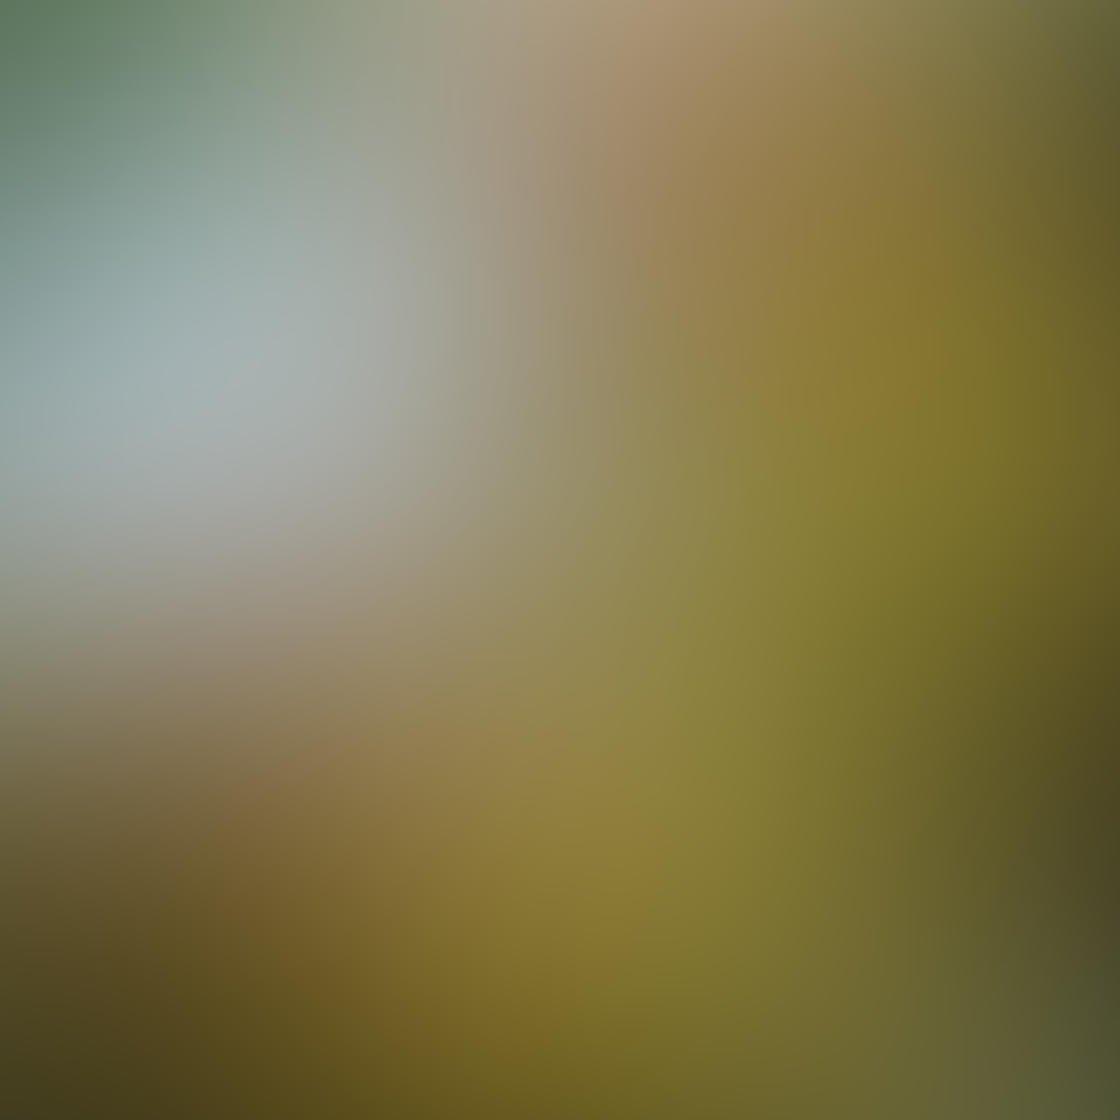 Texture iPhone Photos 2016 11